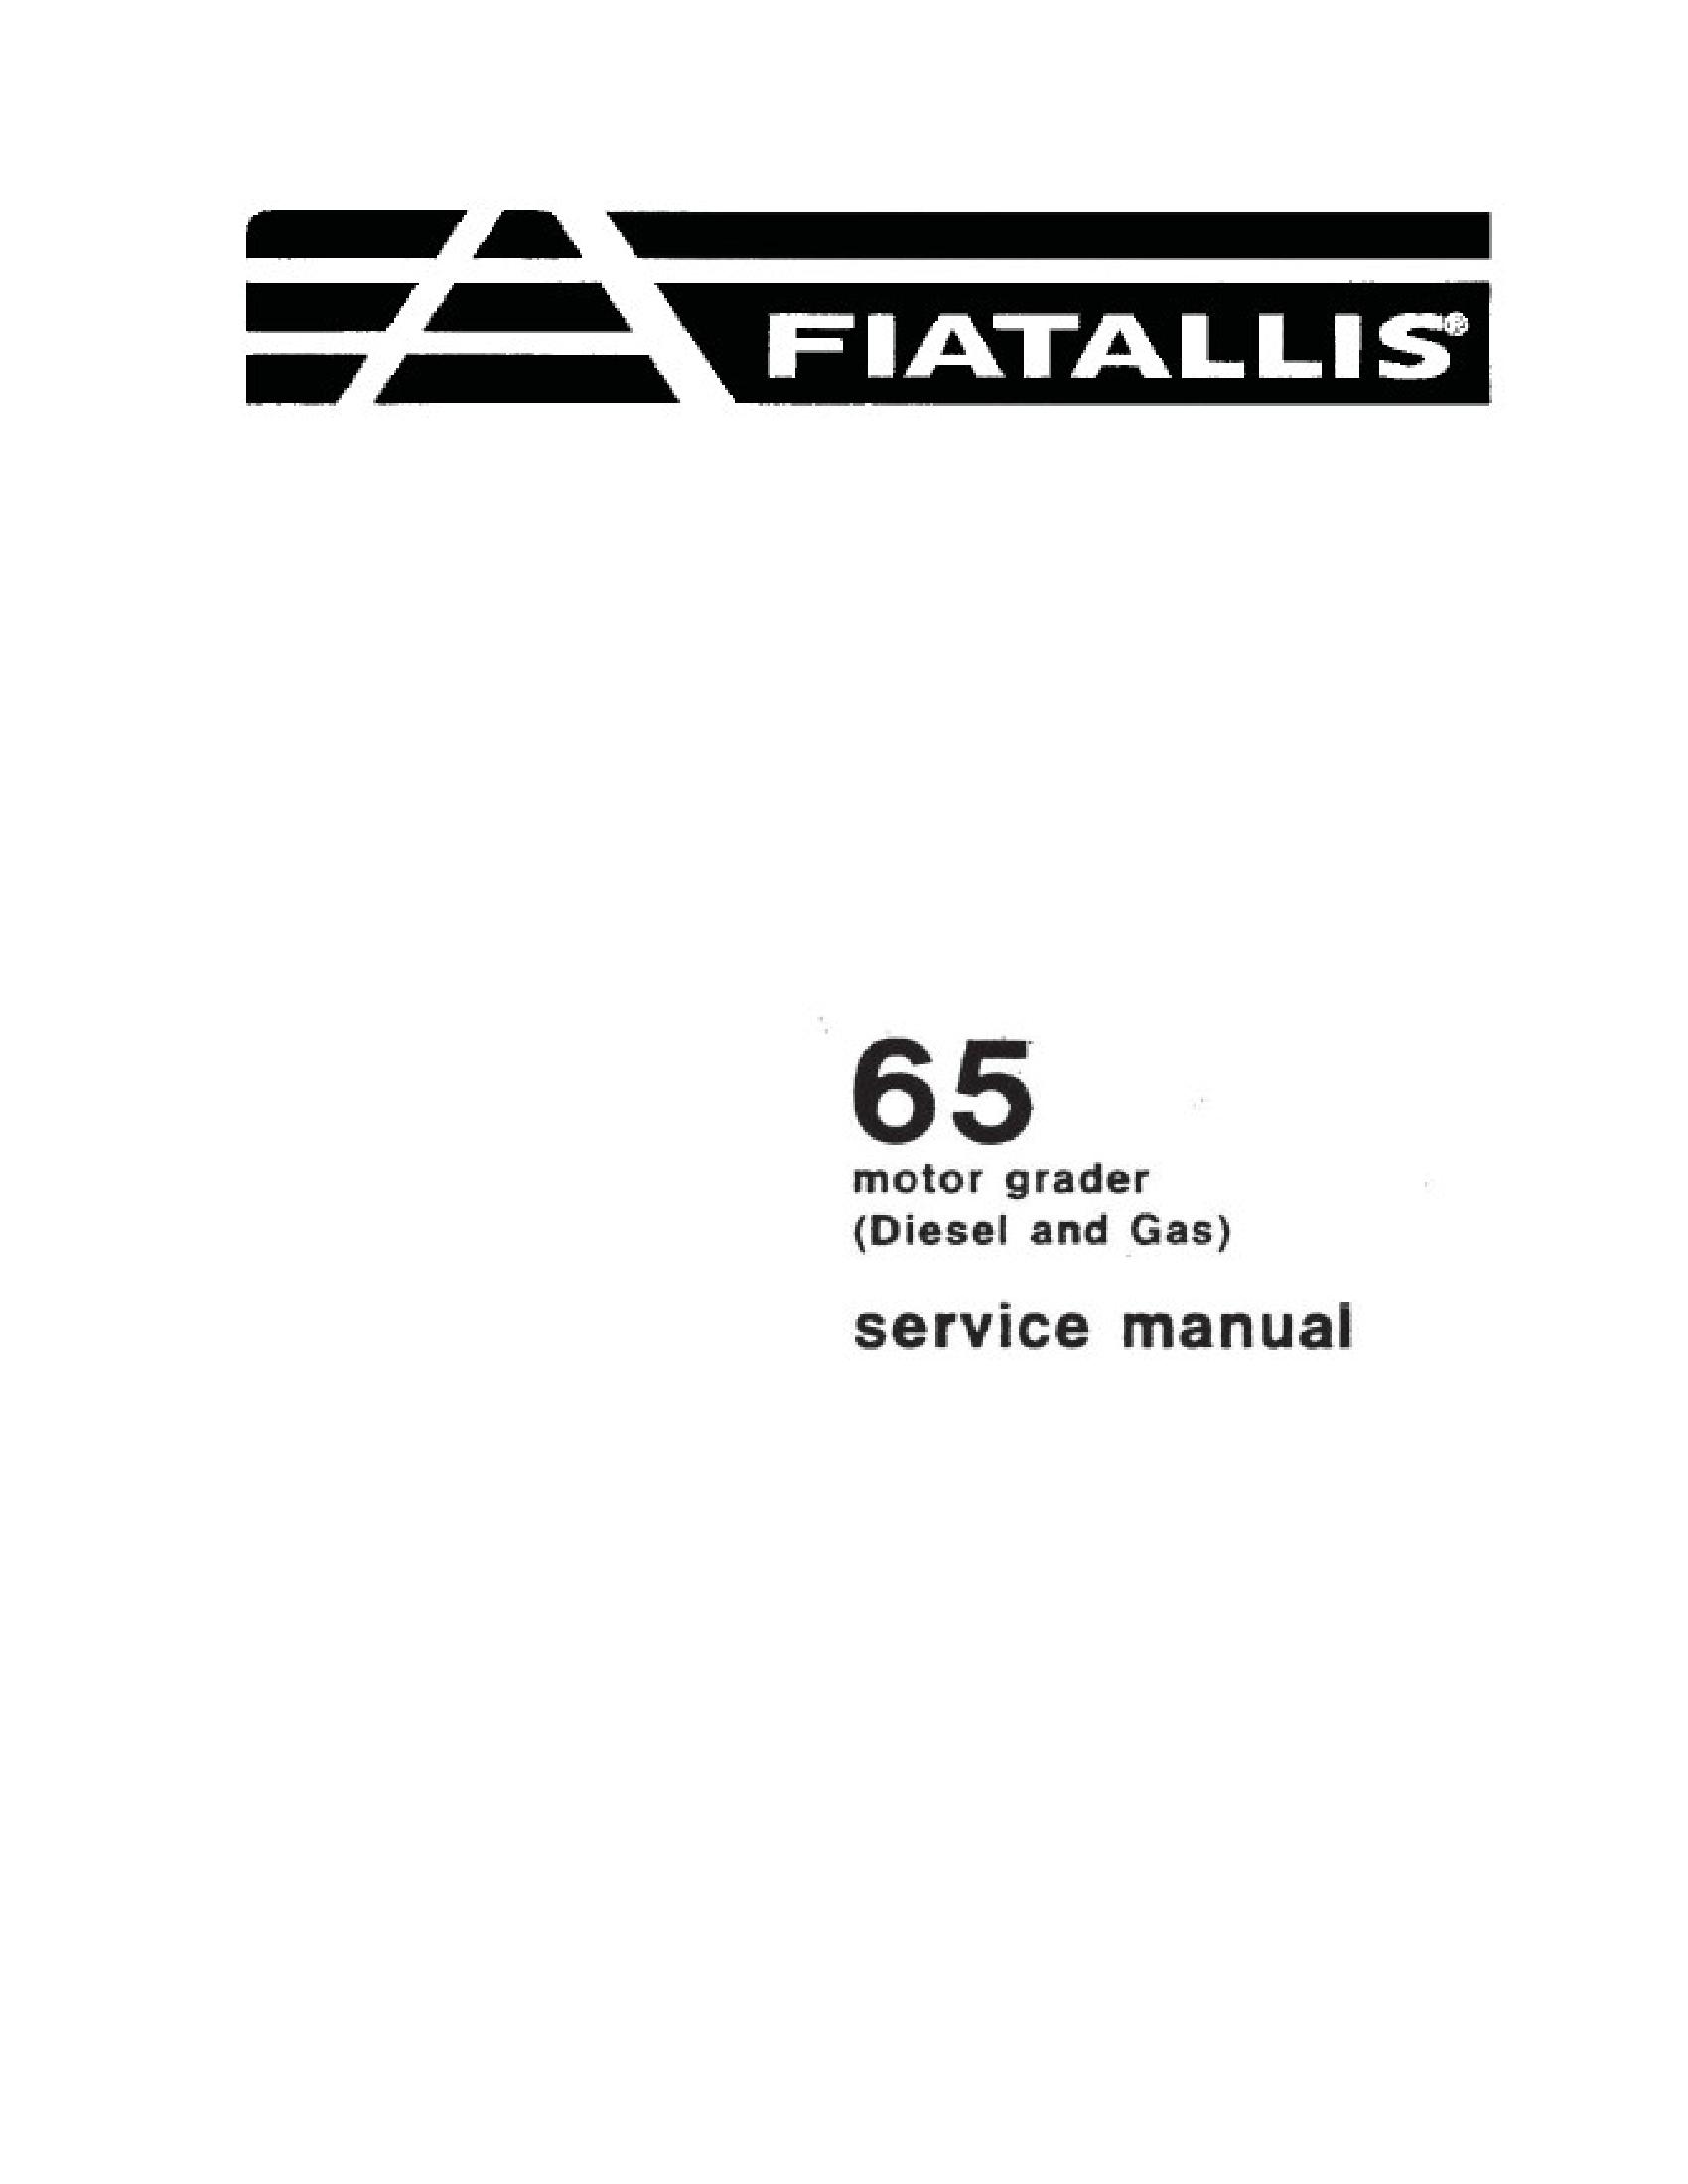 Fiat-Allis 65 Motor Grader manual